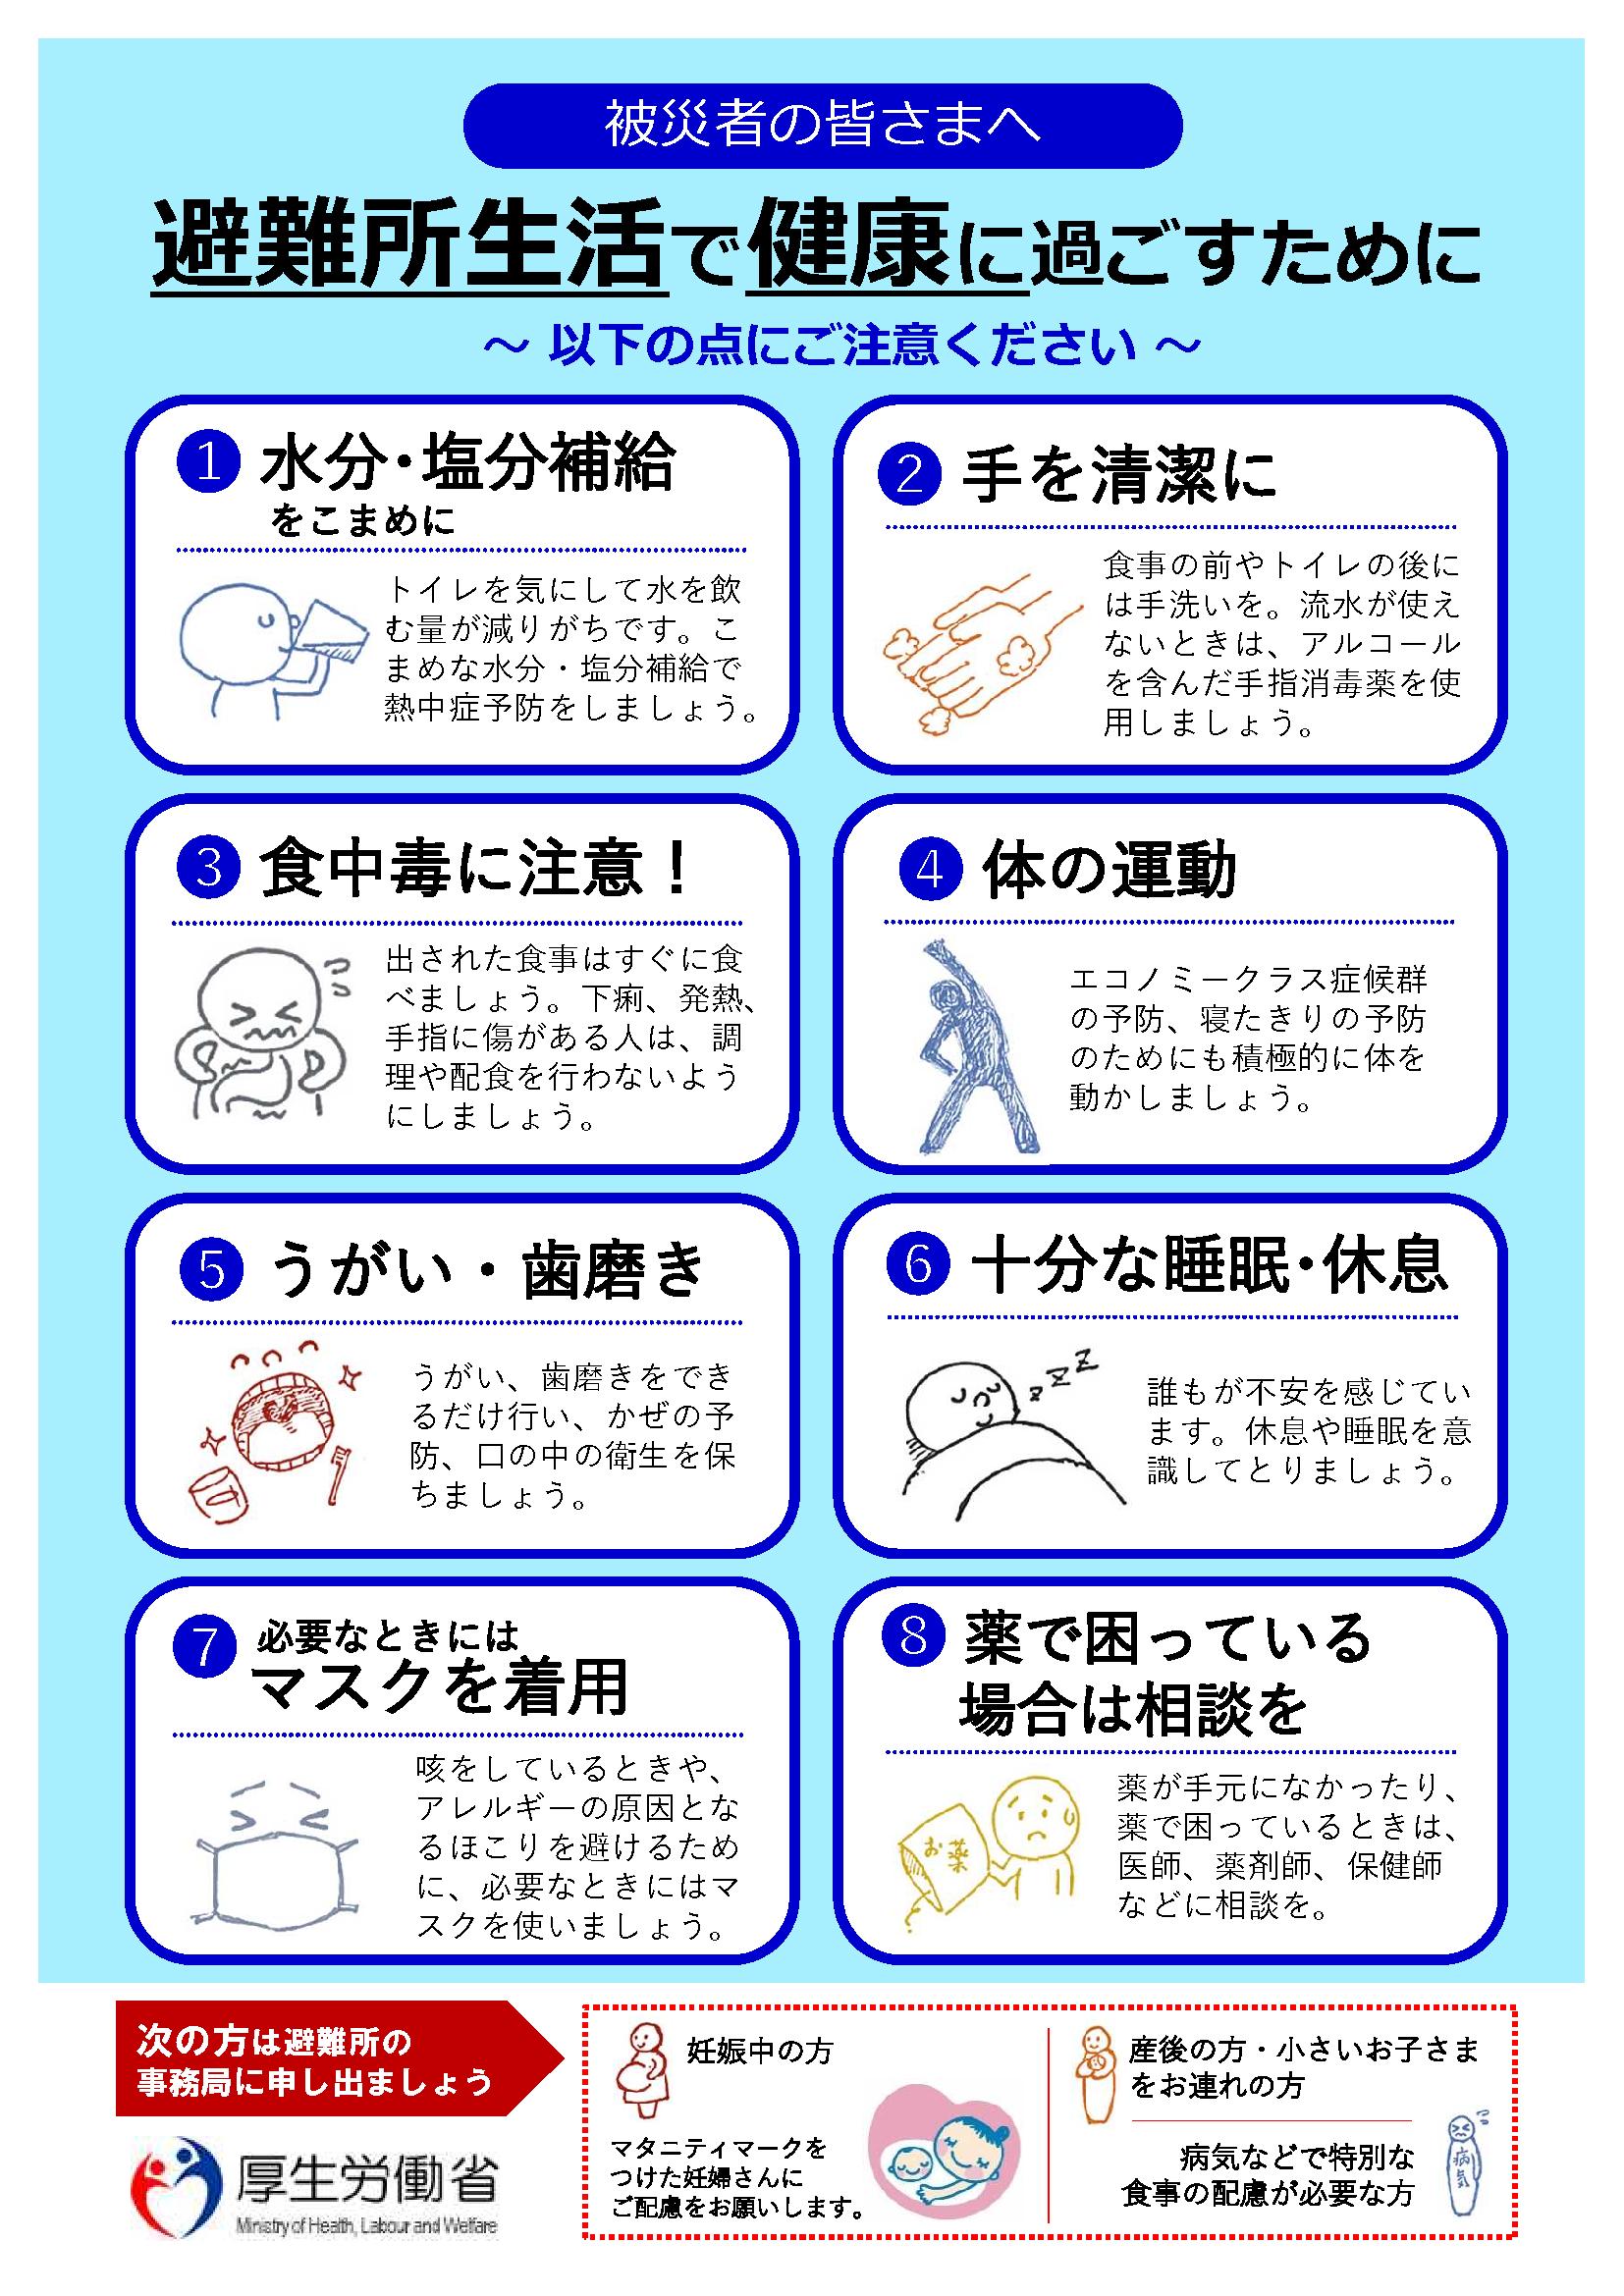 【健やか21】避難所生活で健康に過ごすための注意点(厚労省)